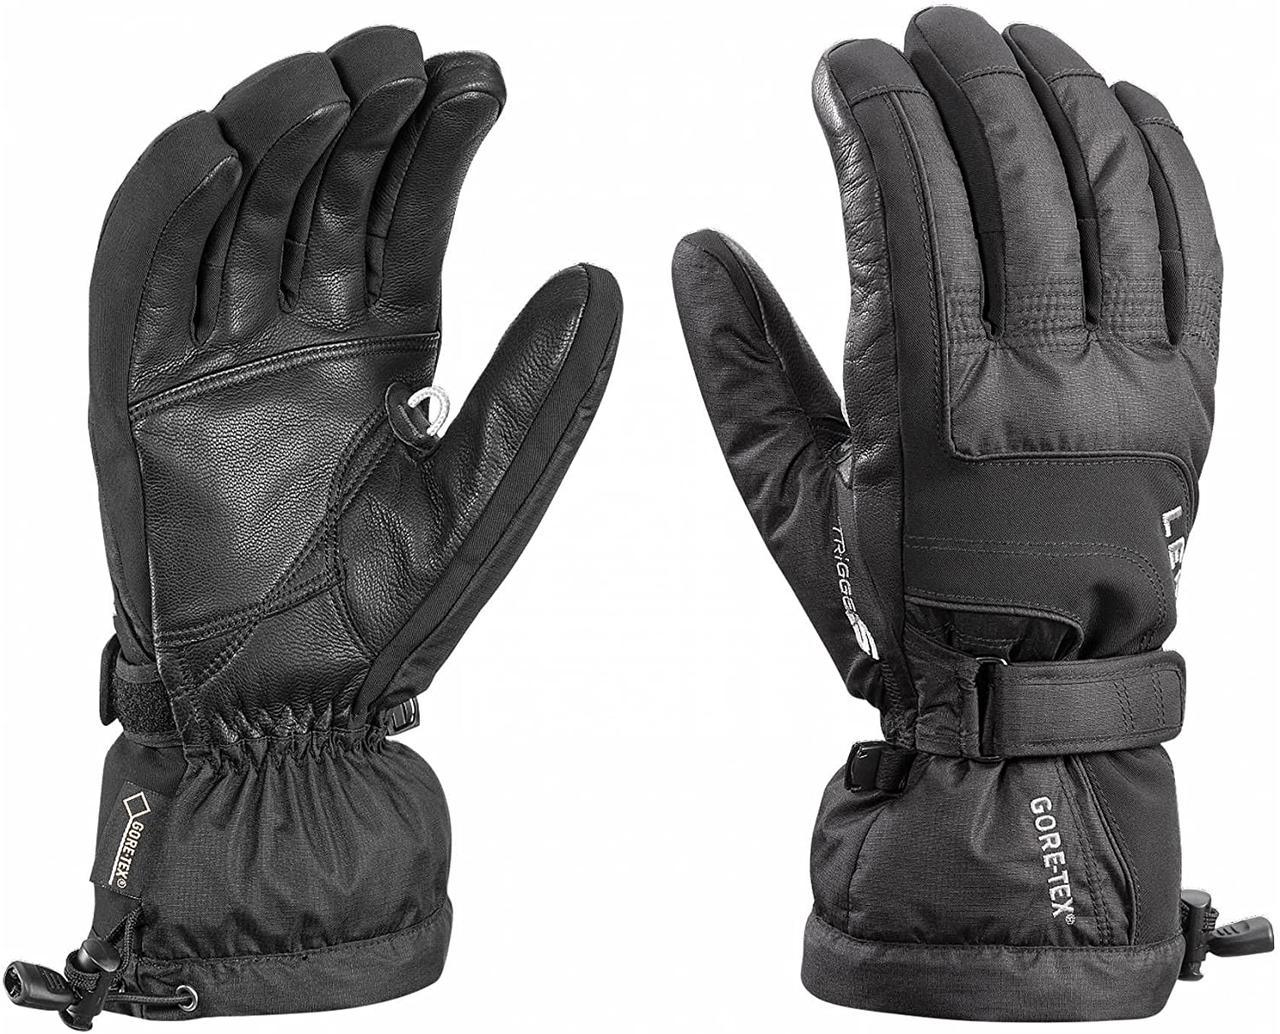 Гірськолижні рукавички LEKI Scuol S GTX | розмір 7.5